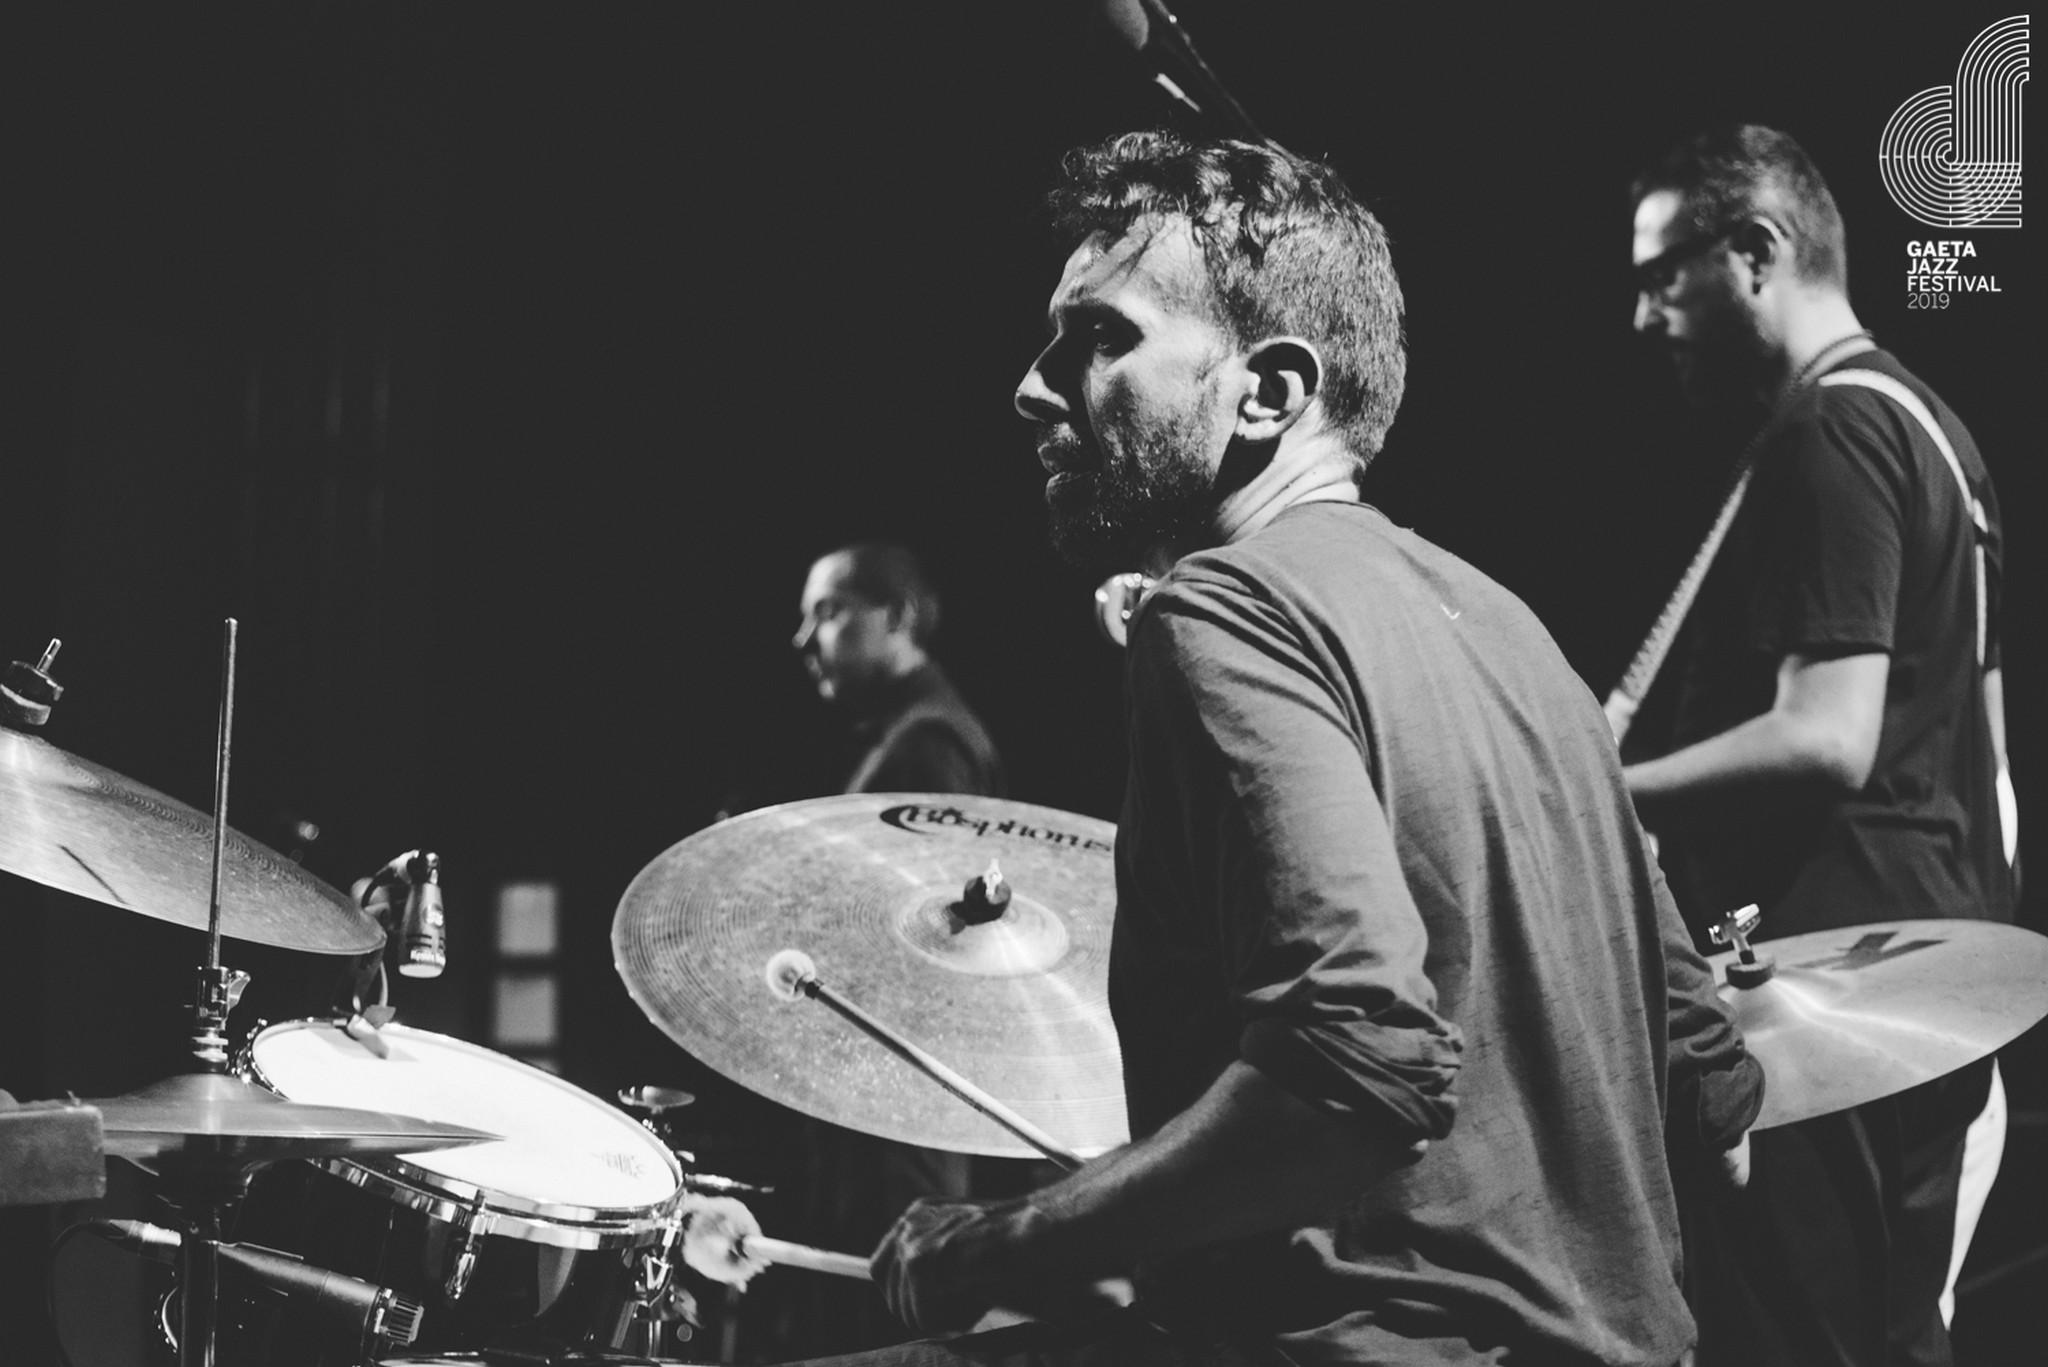 Flavia_Fiengo_Gaeta_Jazz_Festival_live_2019__00061